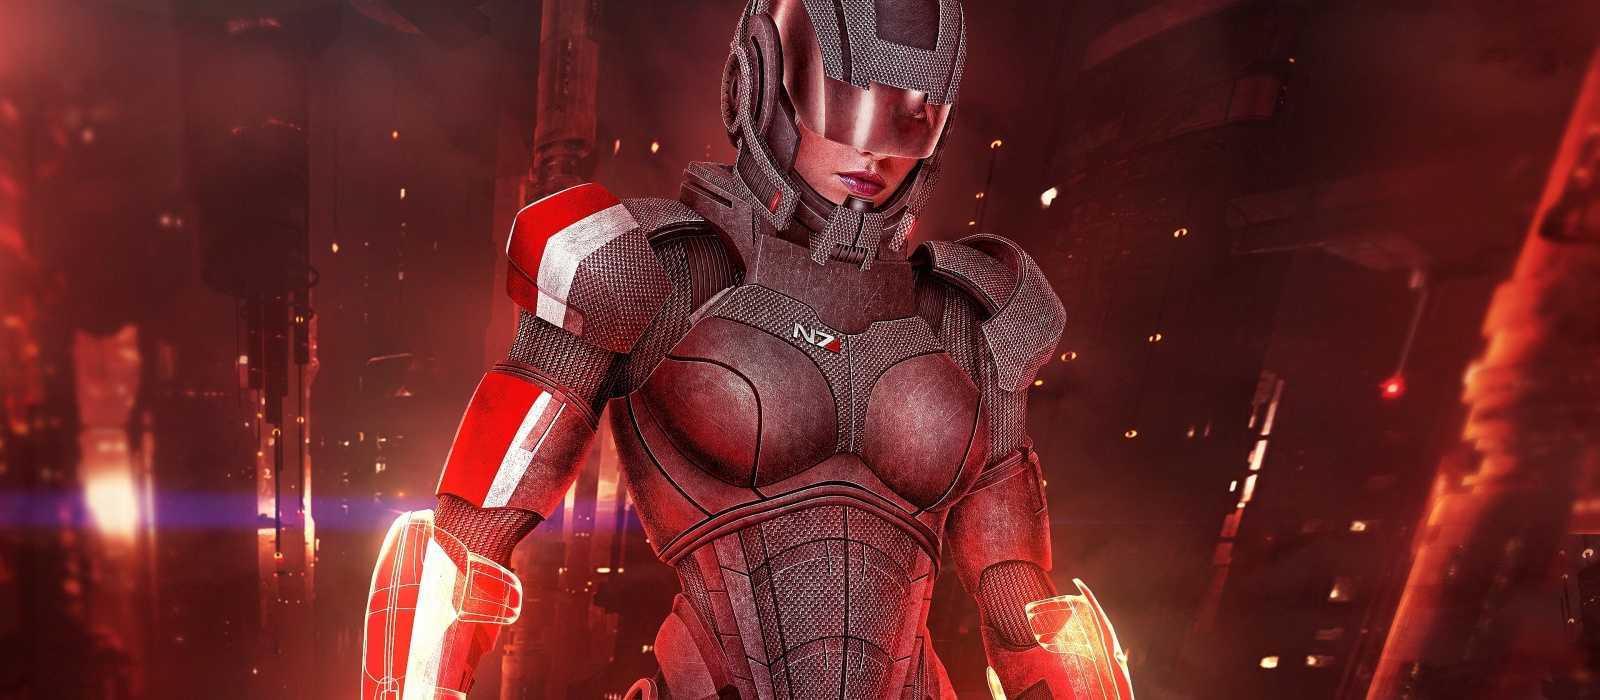 Mod für Mass Effect 3 aktualisiert, das Ende behoben. Und nicht nur die Grafiken sind dort schöner